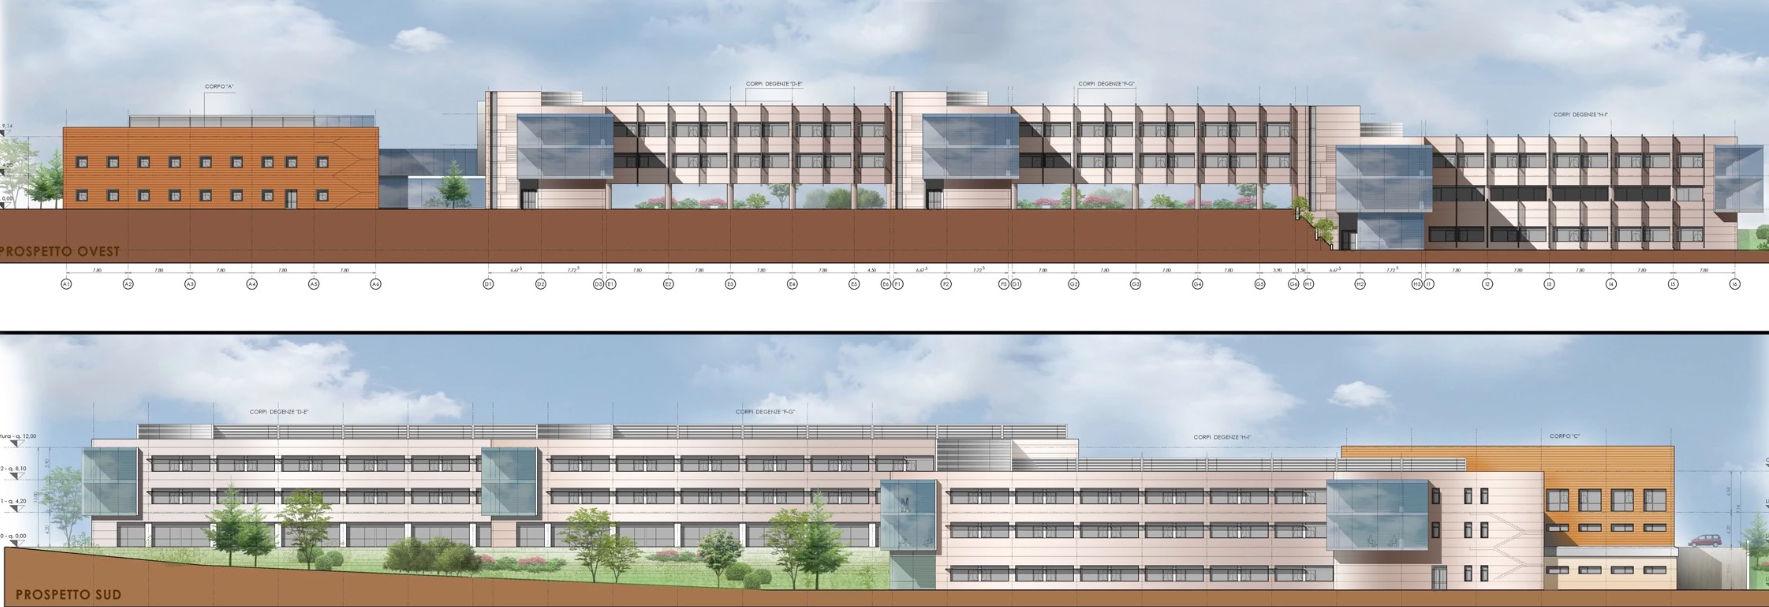 Nuovo ospedale di Fermo - image 3